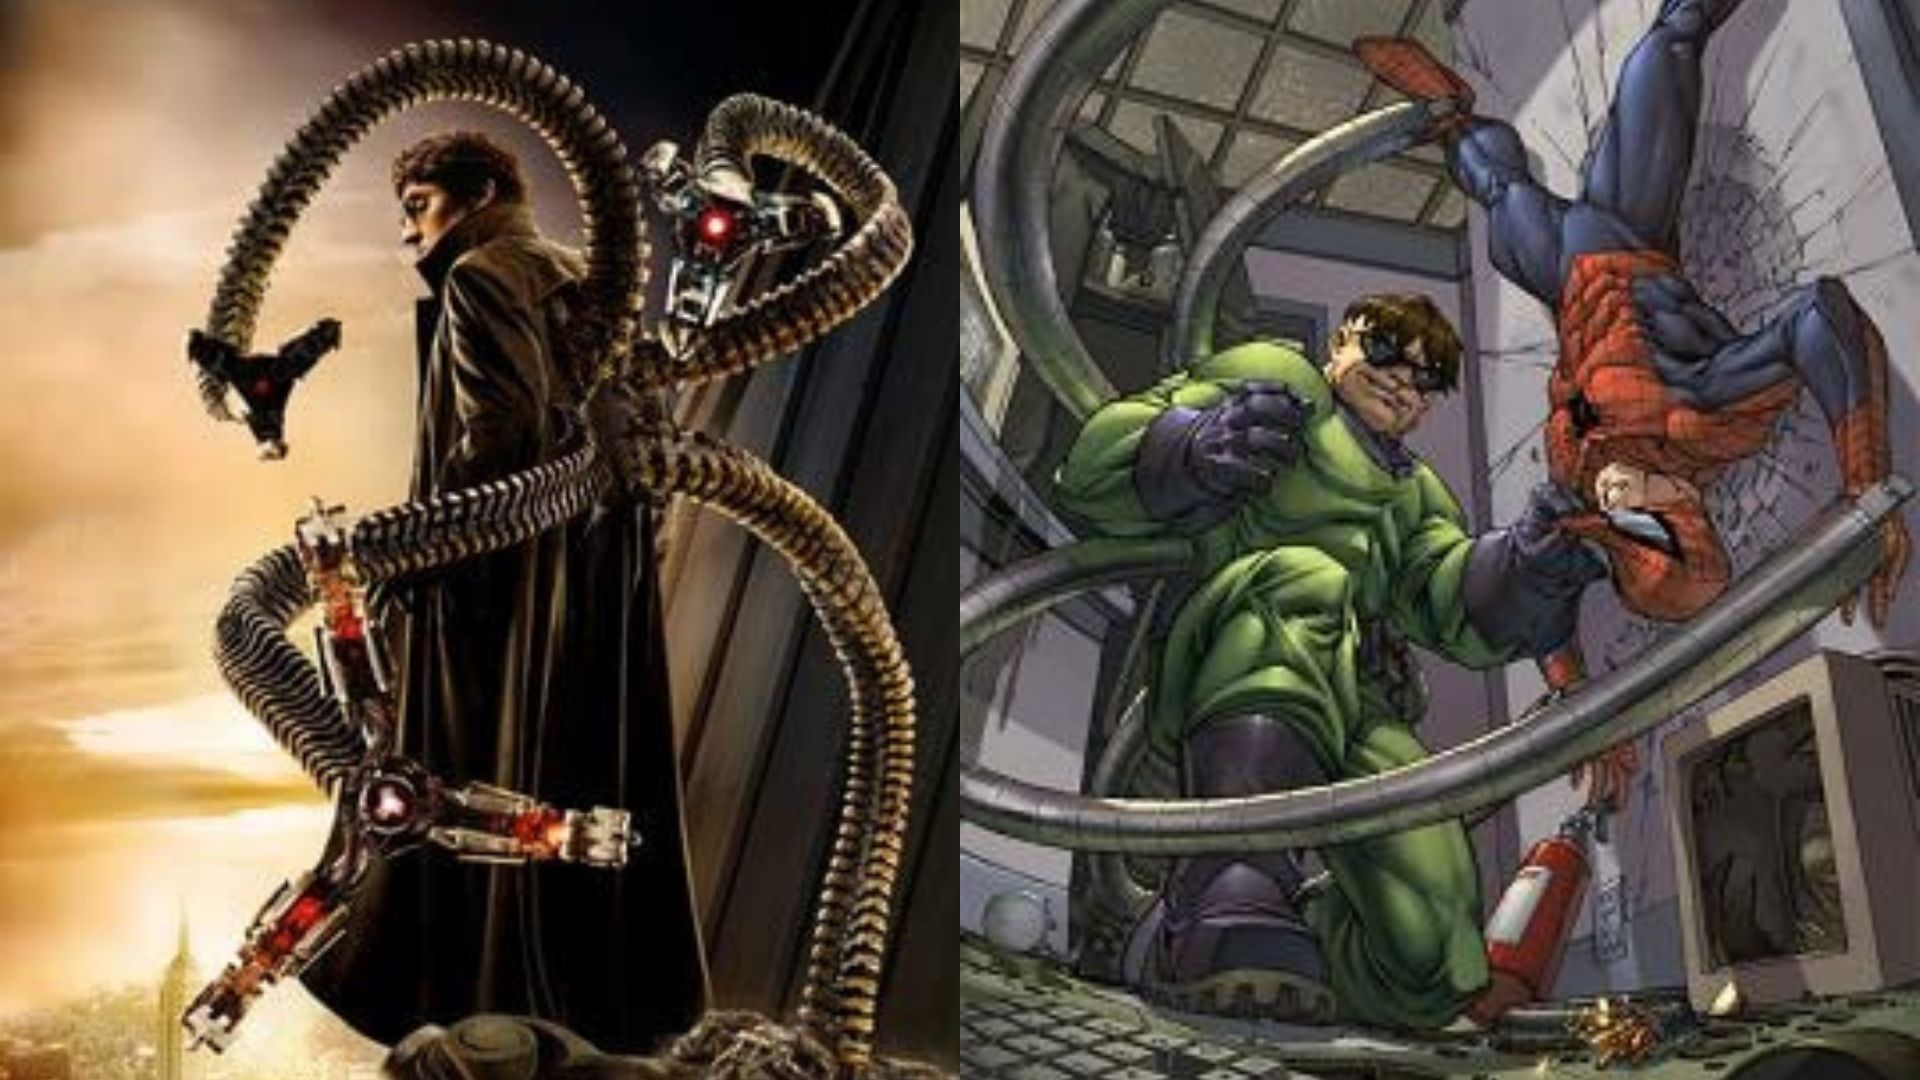 【スパイダーマン】ドクター・オクトパスの強さ・能力・誕生・活躍について解説!【マーベル原作】